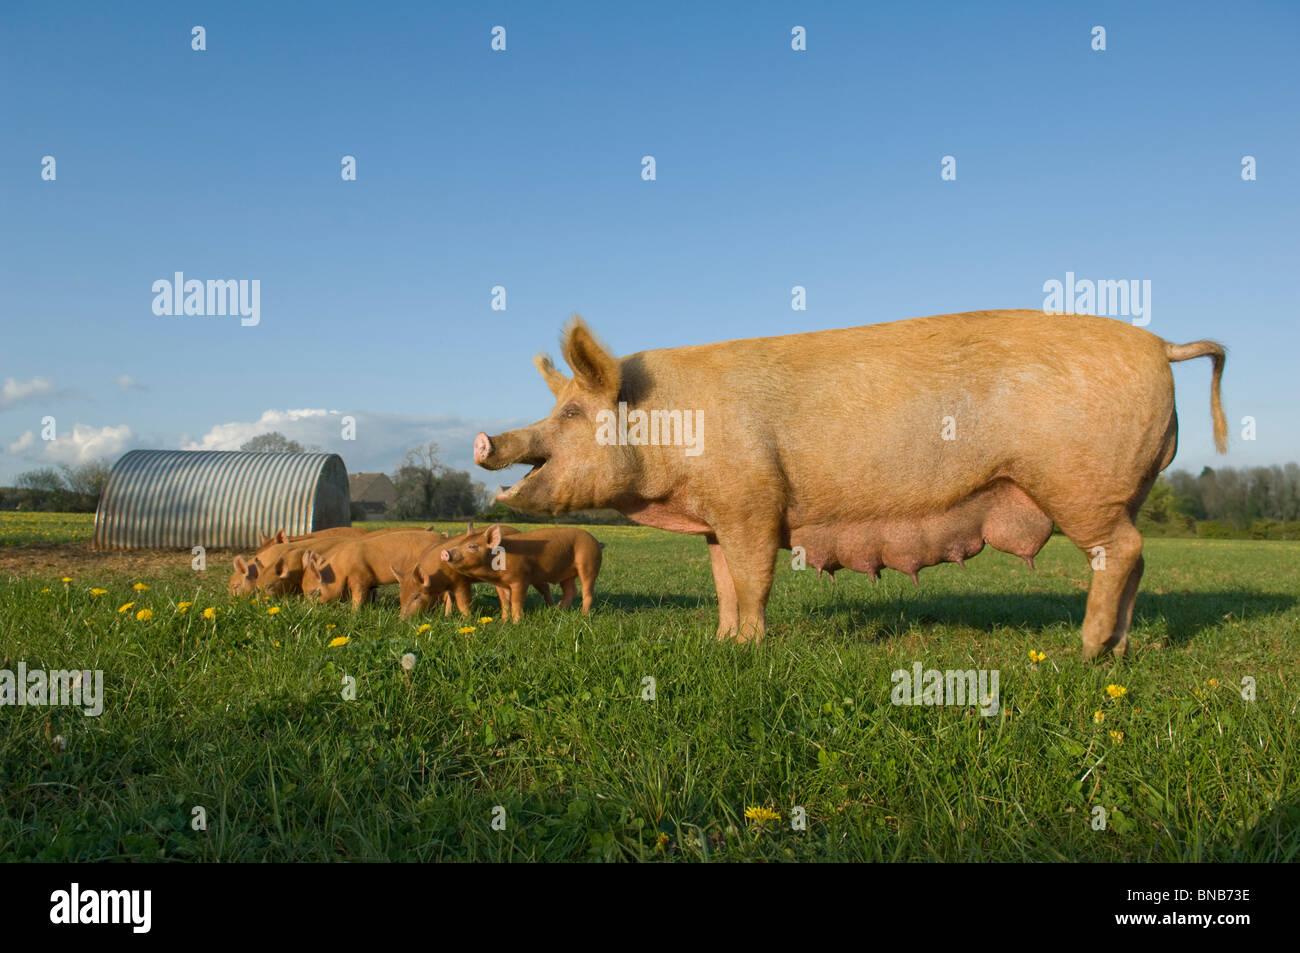 Im Bereich Schwein Stockbild